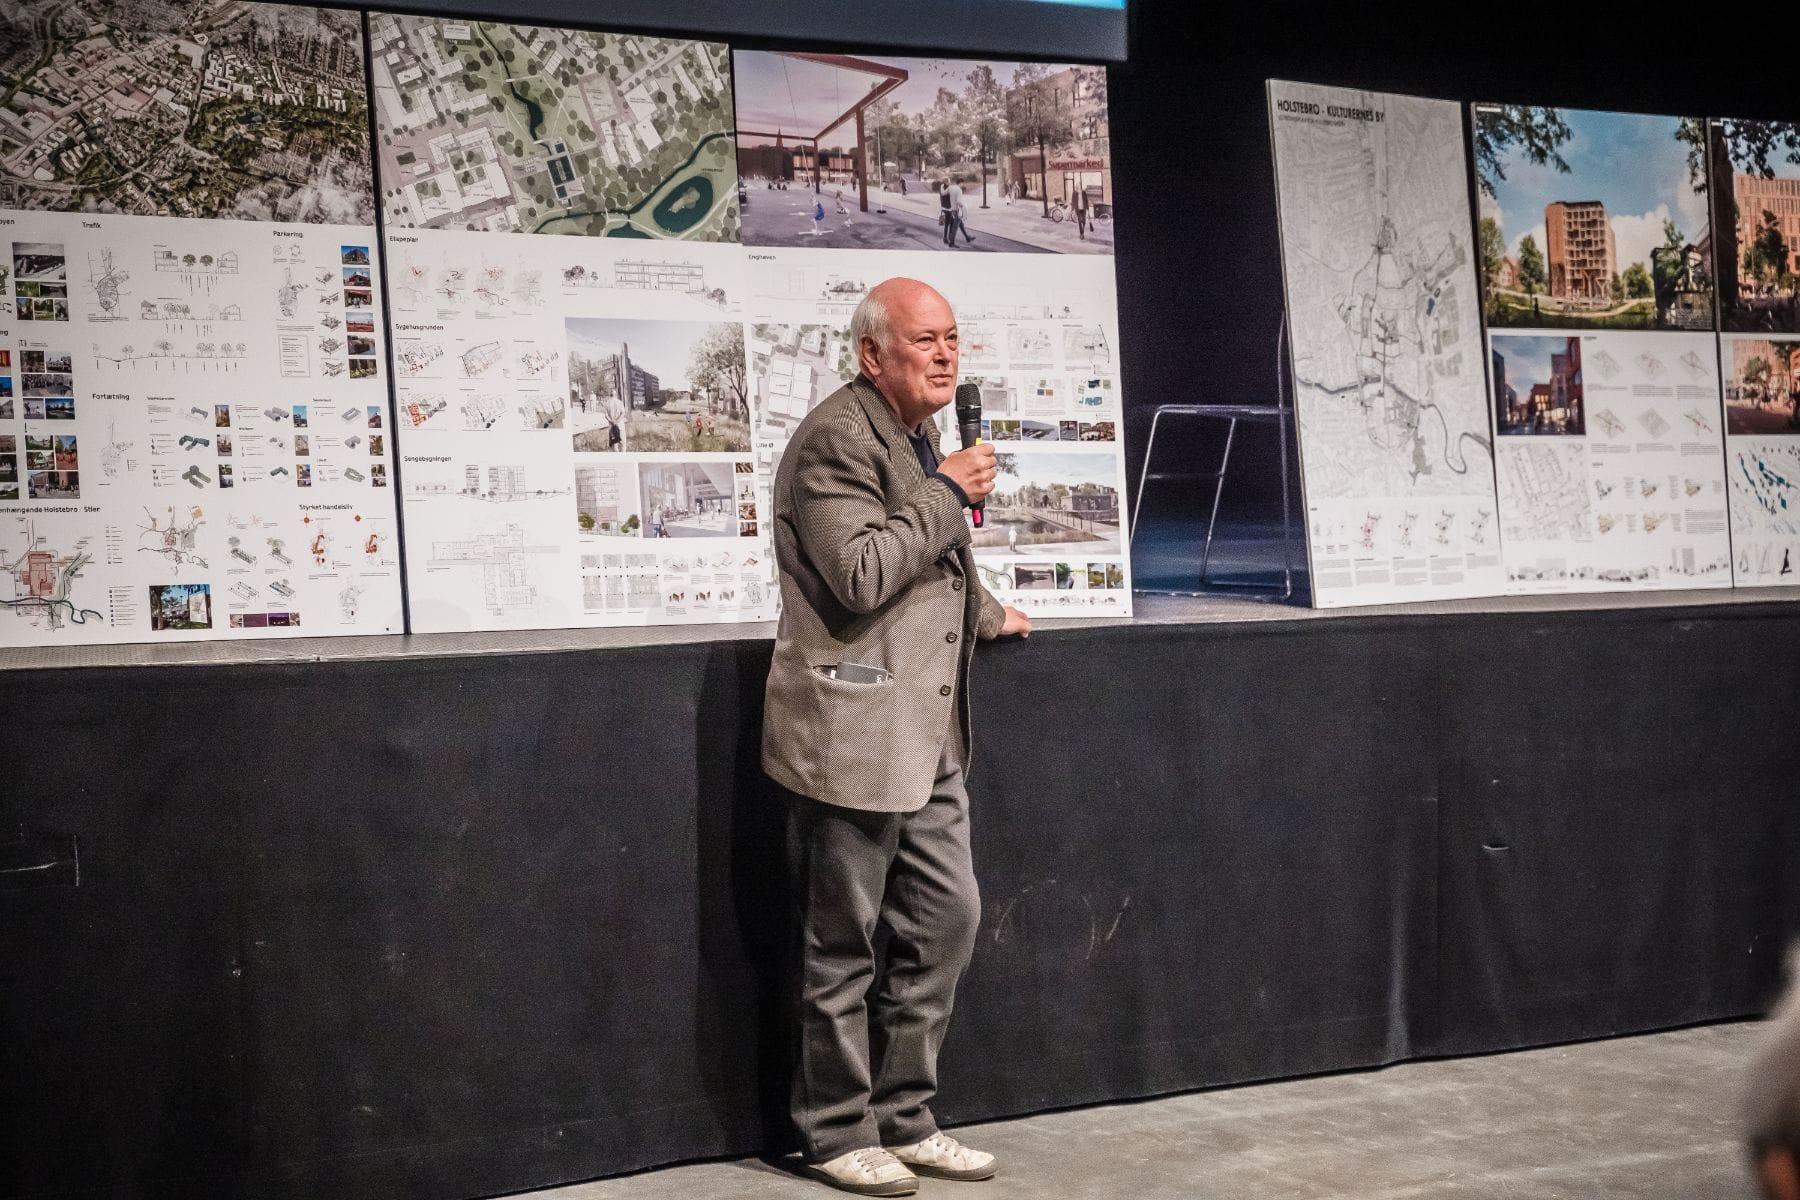 Holstebro Udvikling Byens Møde-37